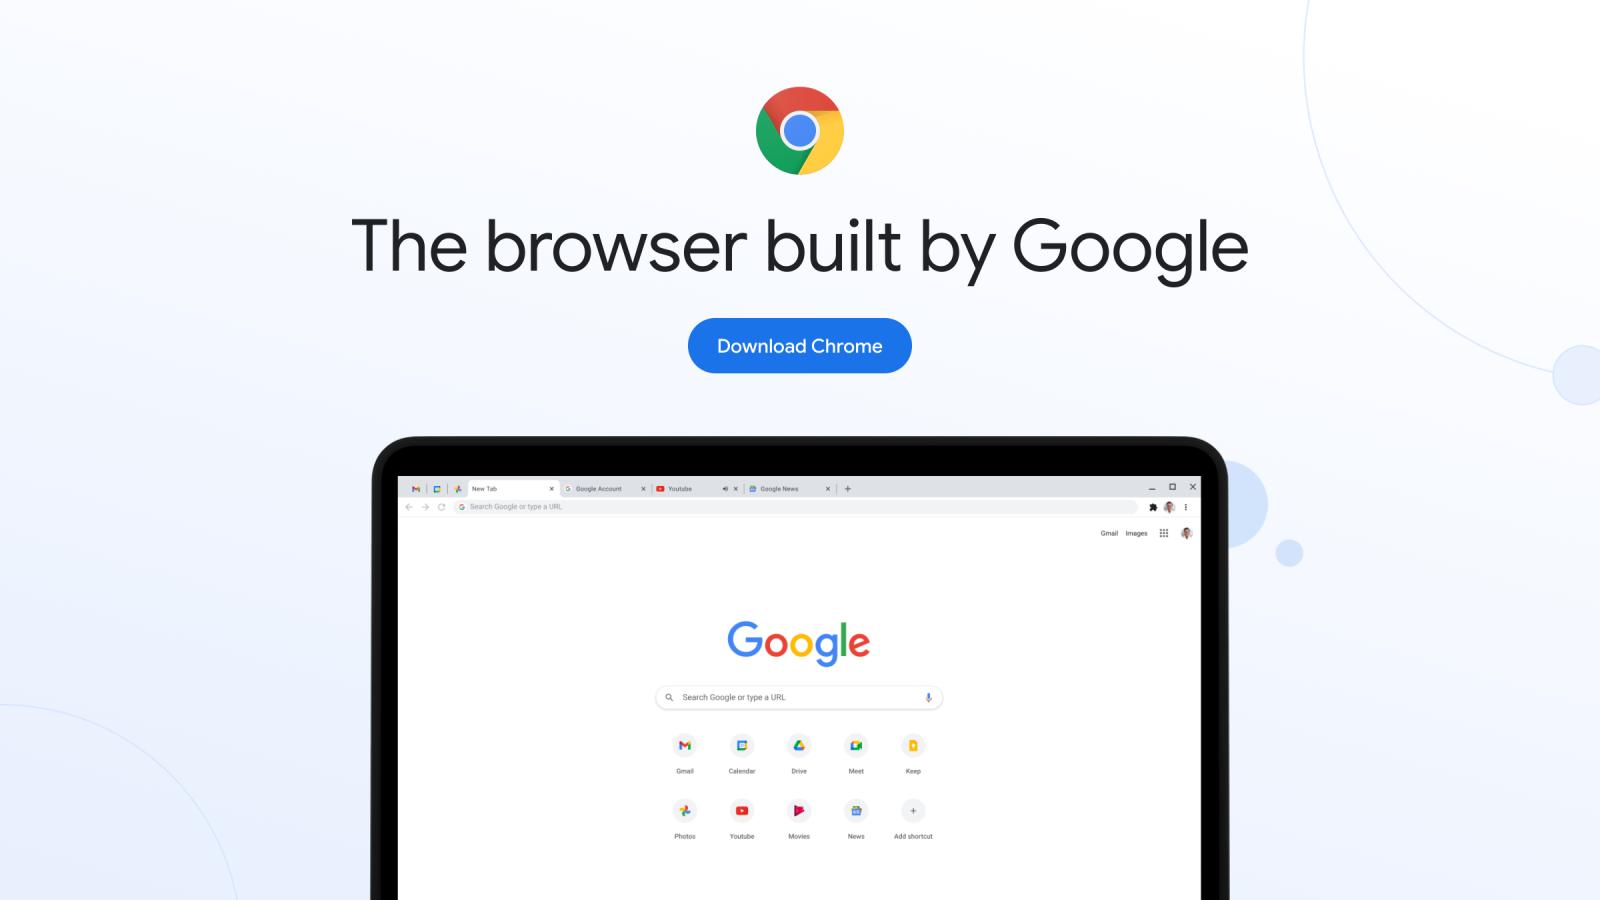 Google tìm kiếm hoạt động như thế nào? Cách để tối ưu kết quả xếp hạng Google